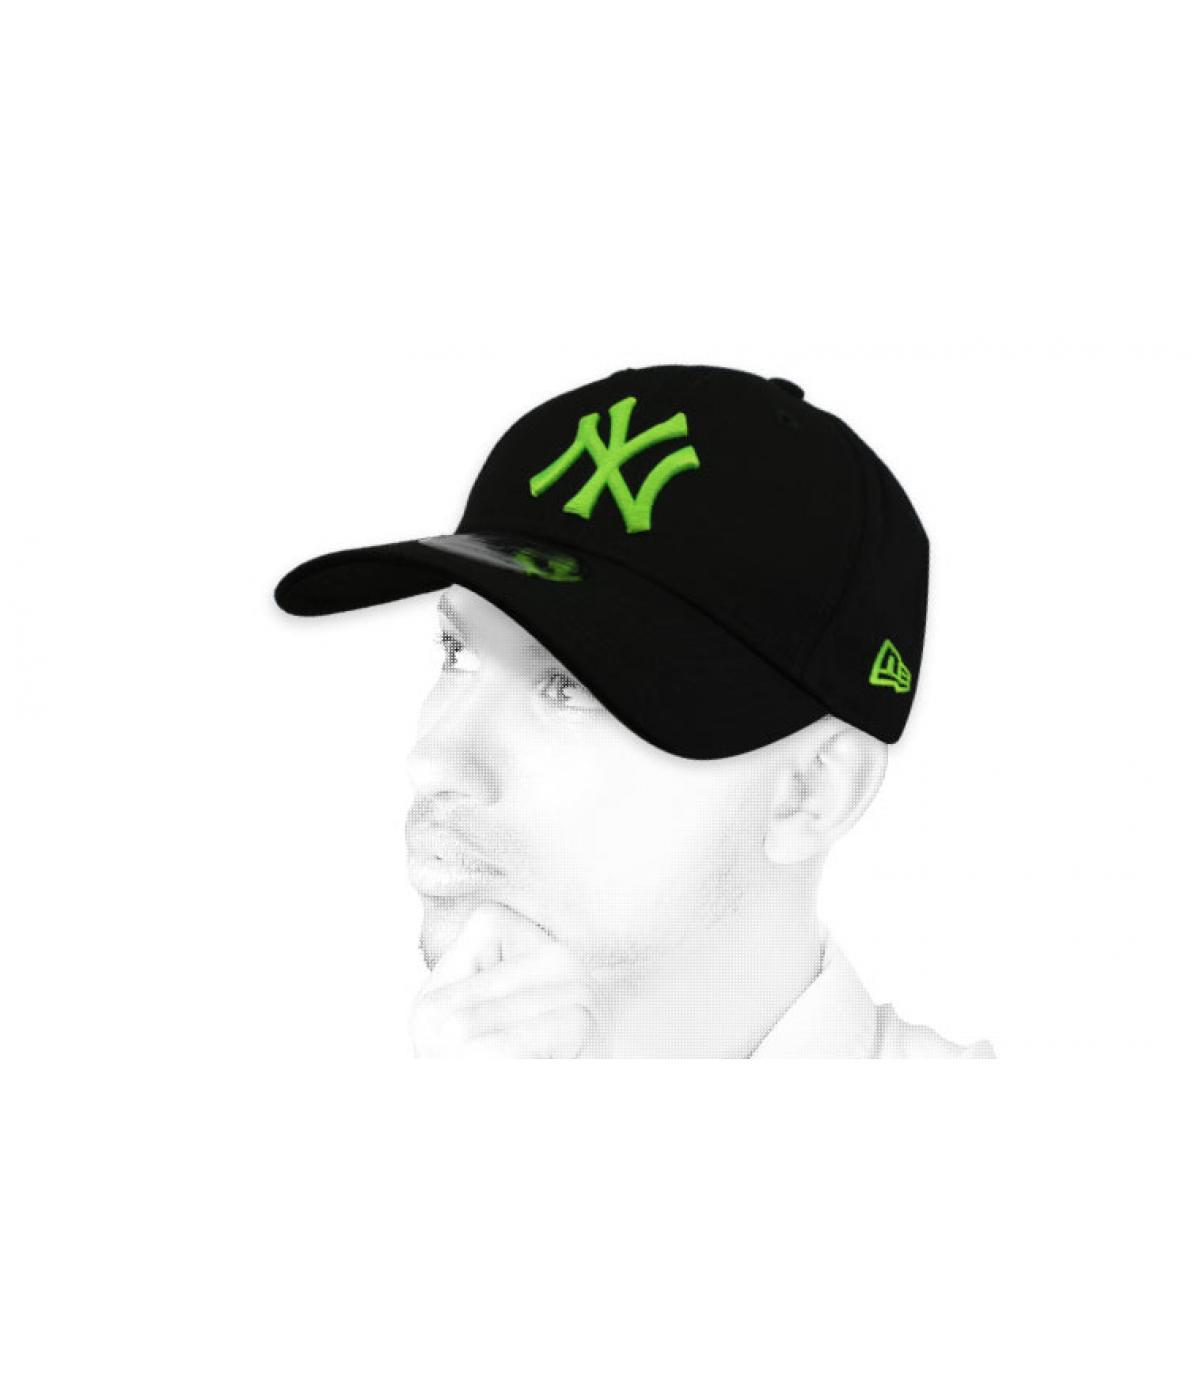 casquette NY noir vert